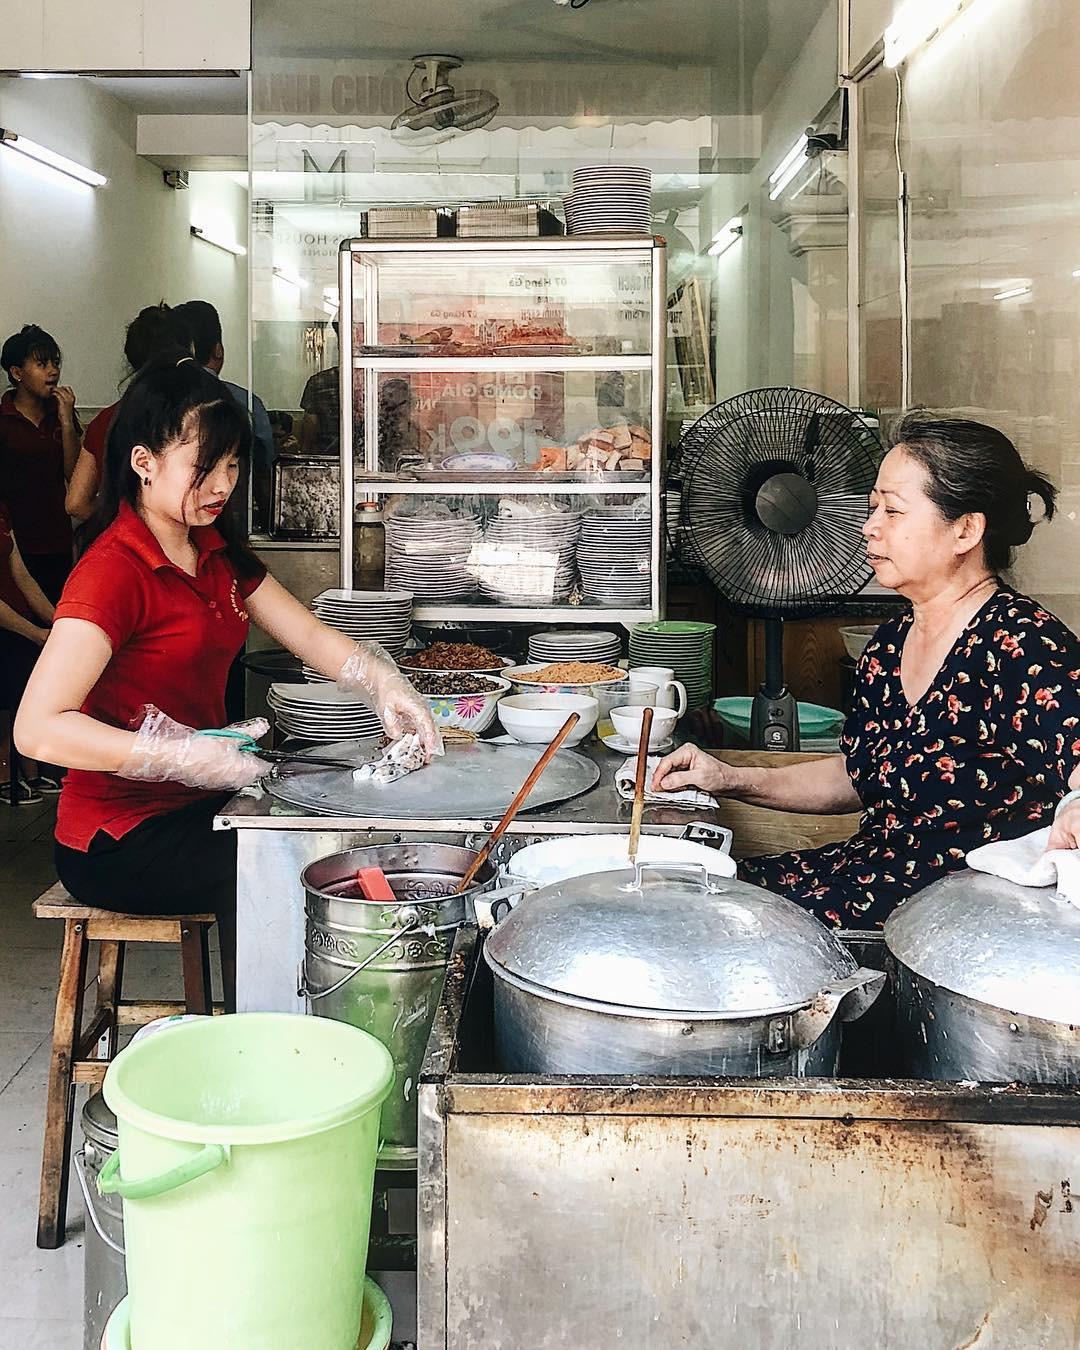 Bán món bình dân, nhưng giá cả của 5 quán ăn Hà Nội này sẽ khiến nhiều người bất ngờ khi lần đầu ghé đến - Ảnh 9.